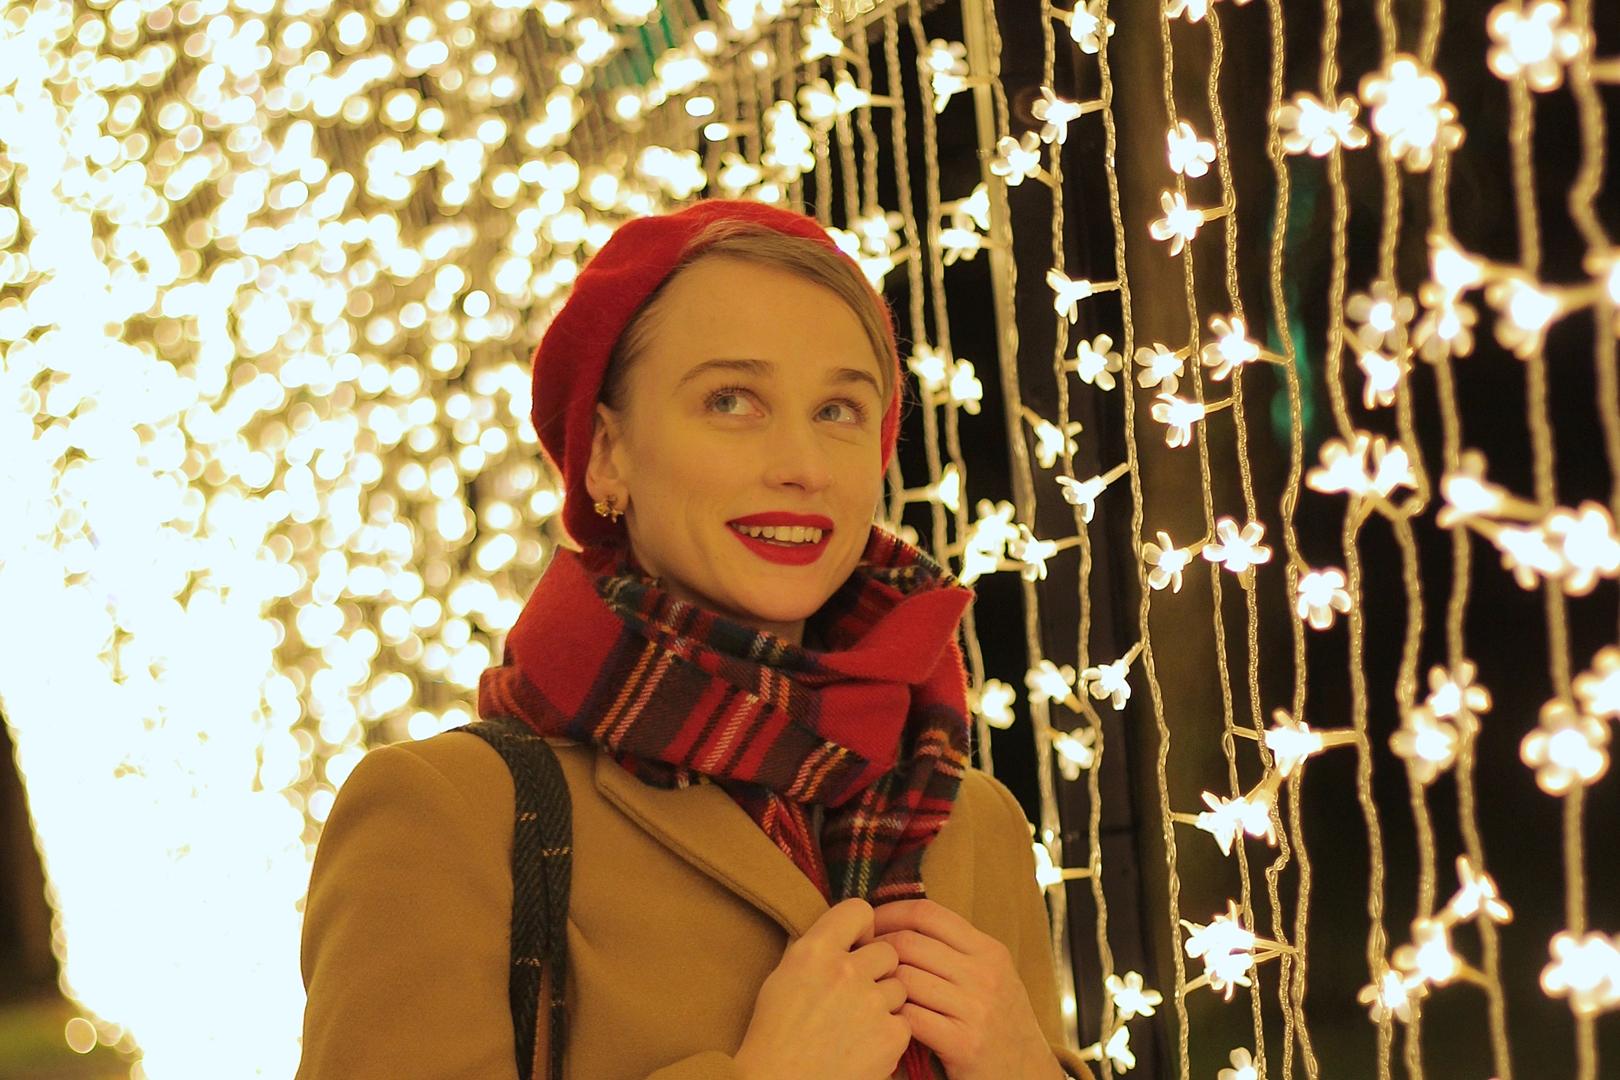 Londres: les adresses à ne pas rater pendant la période des fêtes de Noël